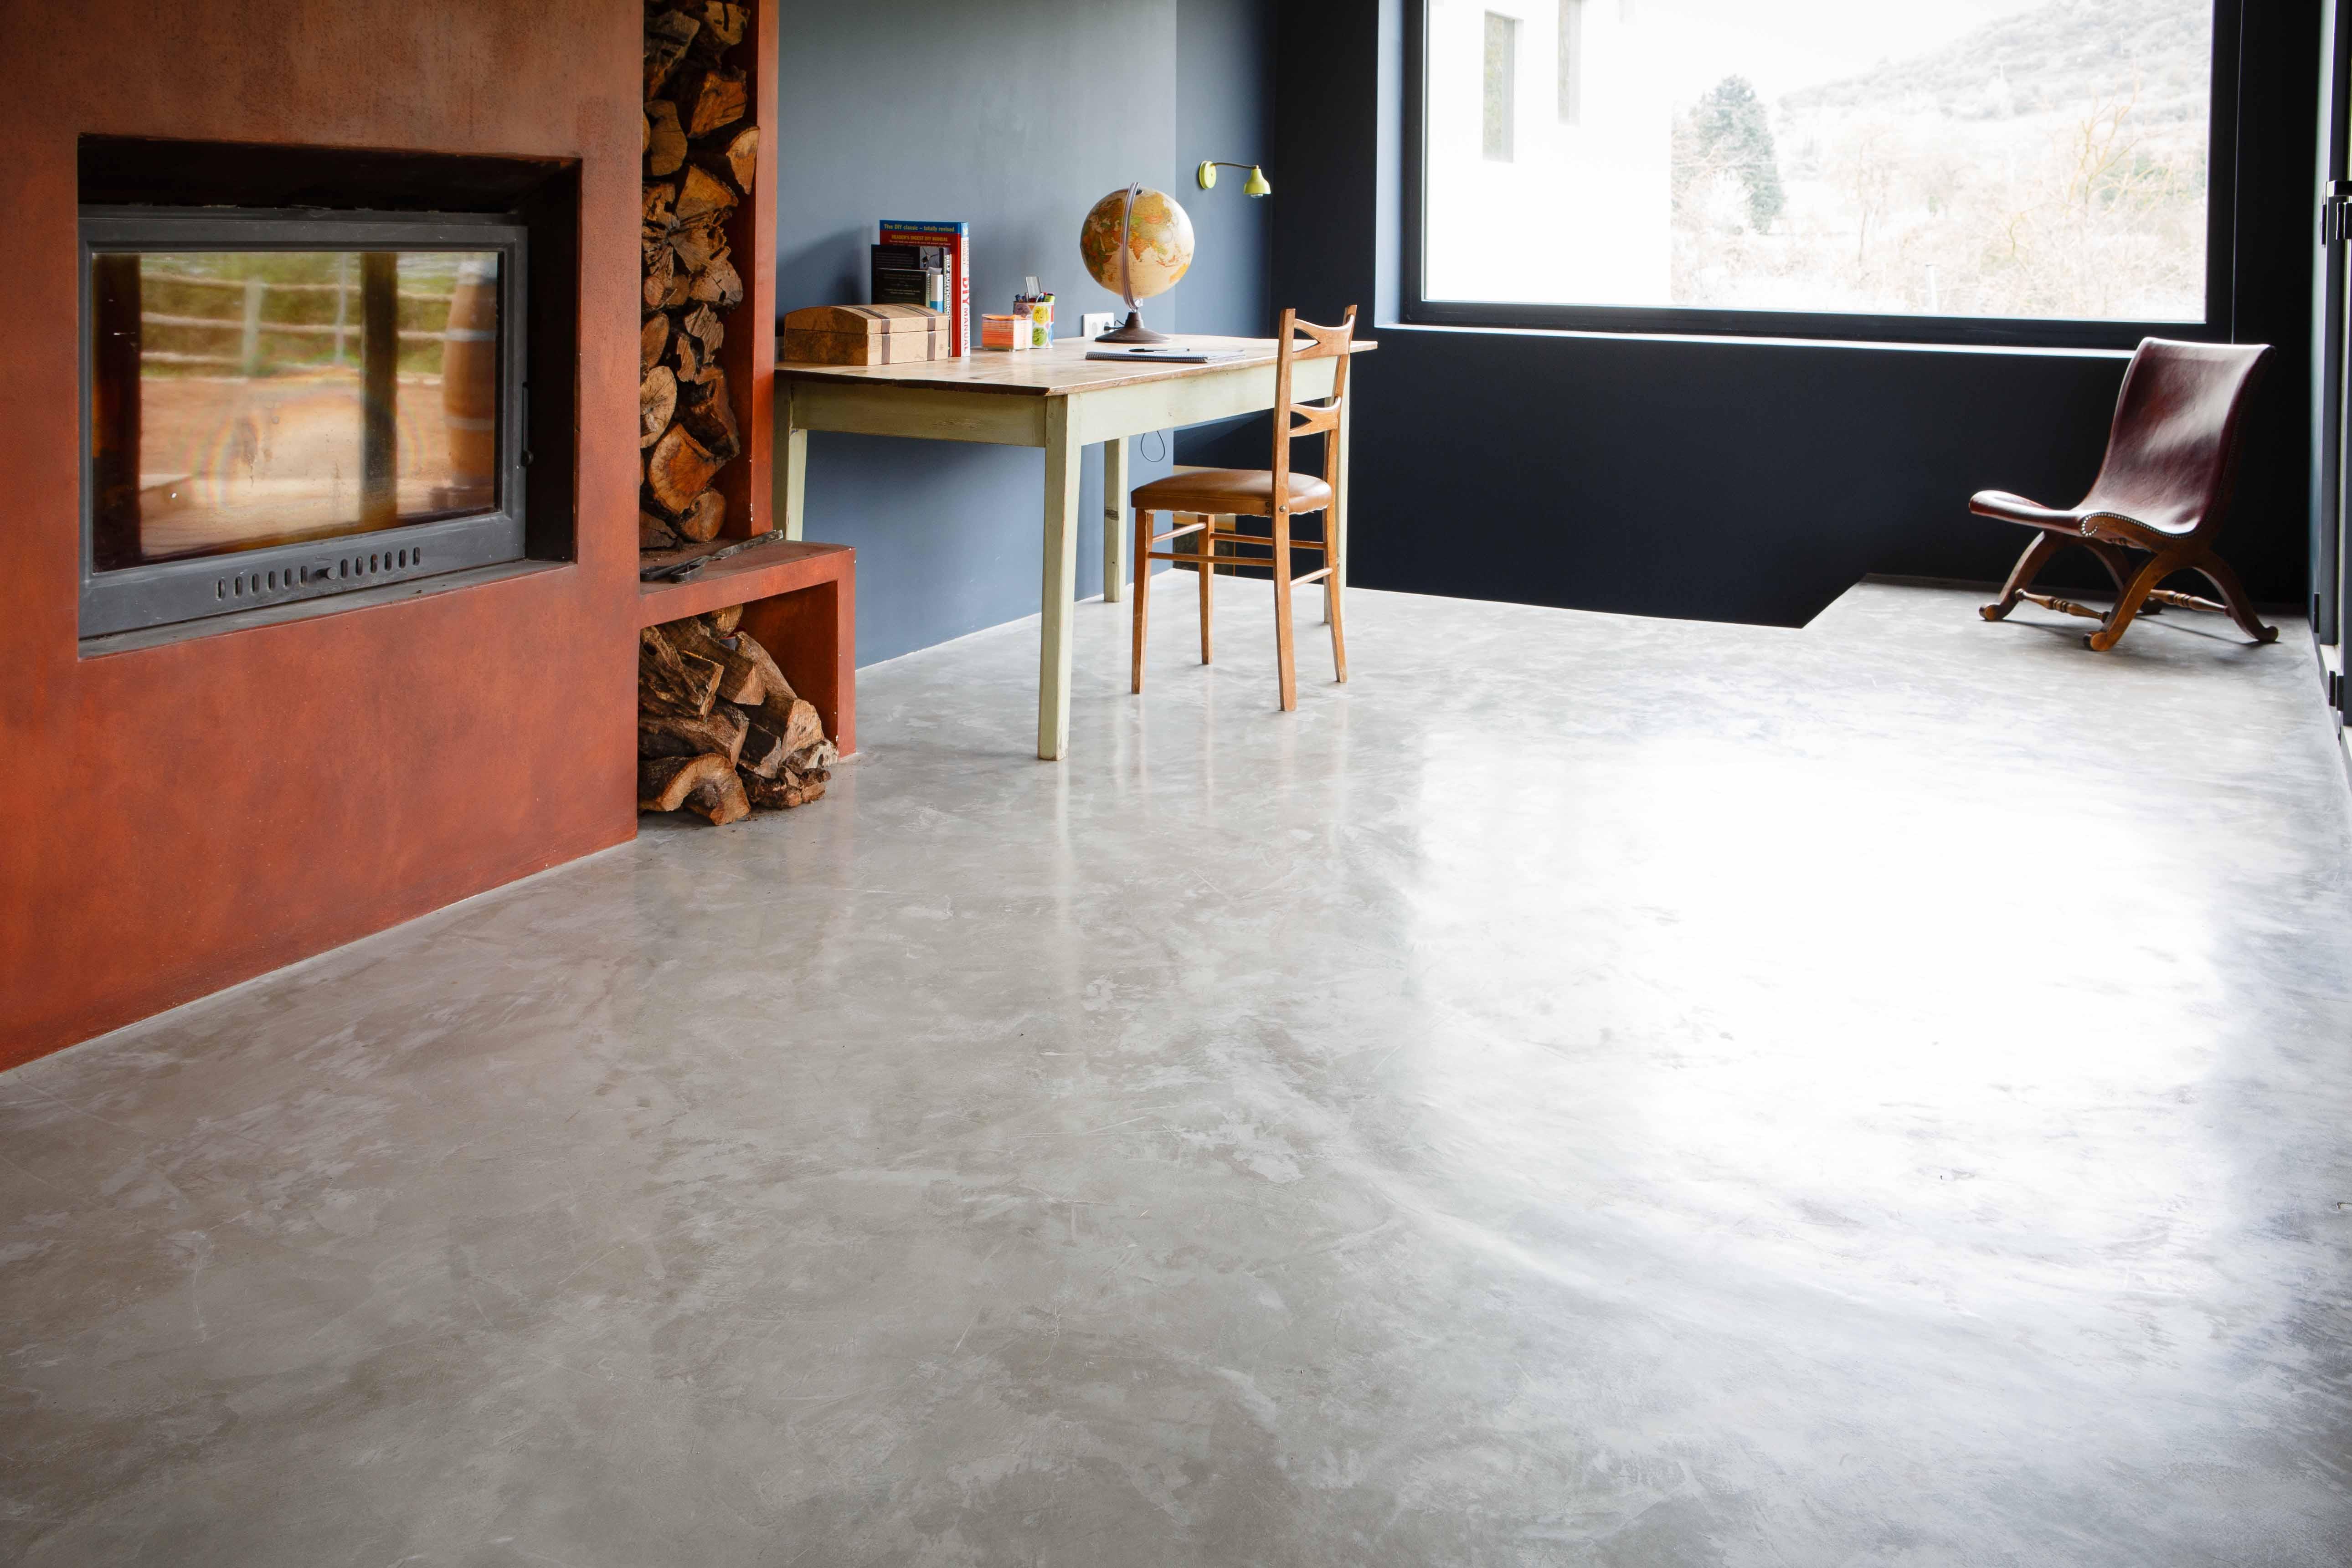 Microcemento microhormigon - Suelos cemento pulido precios ...